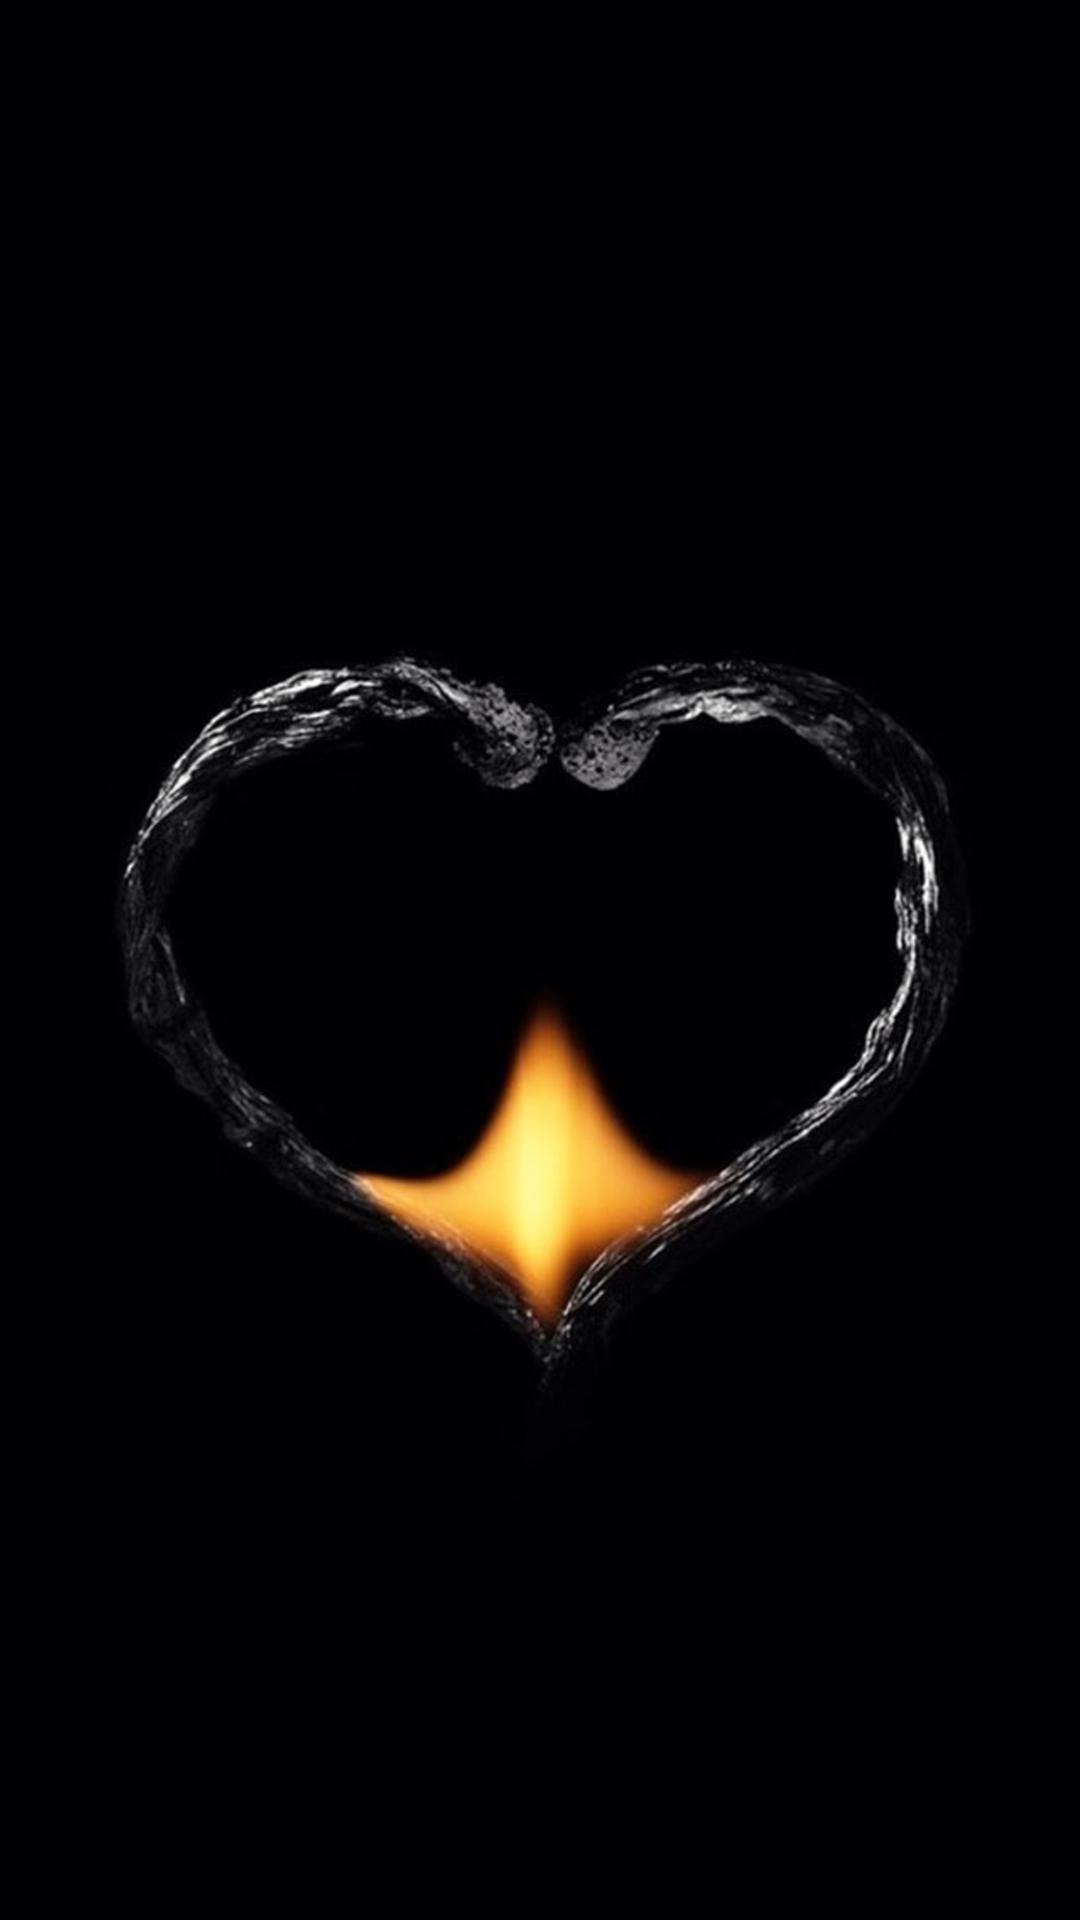 feu noir joyau noir resplendissante conception orange image de fond pour le t u00e9l u00e9chargement gratuit